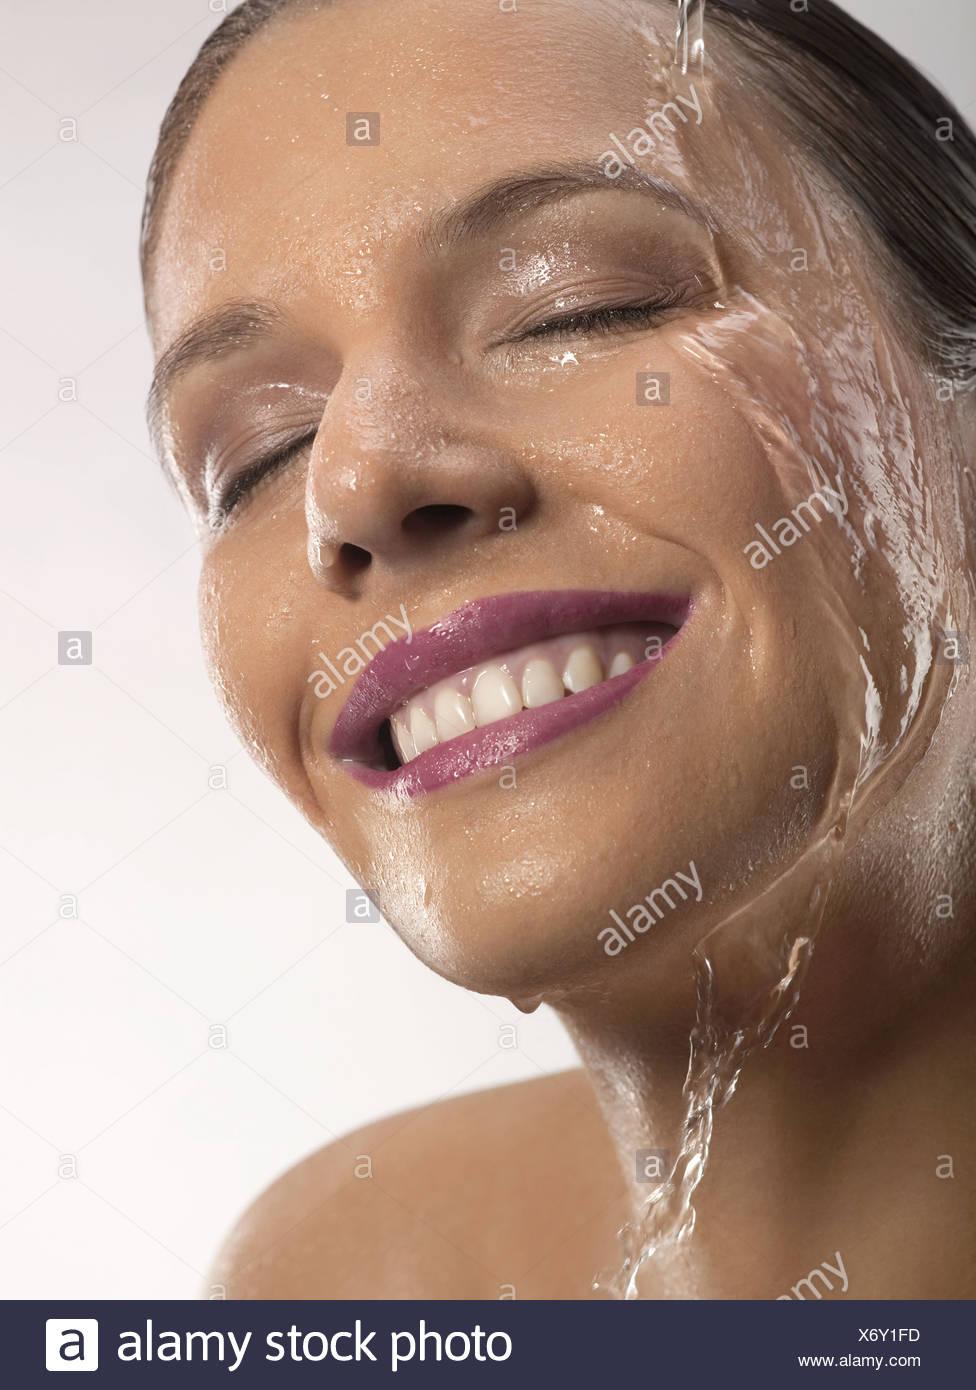 Joven Mujer feliz con el agua que corre por encima de la cabeza, Foto de estudio Imagen De Stock